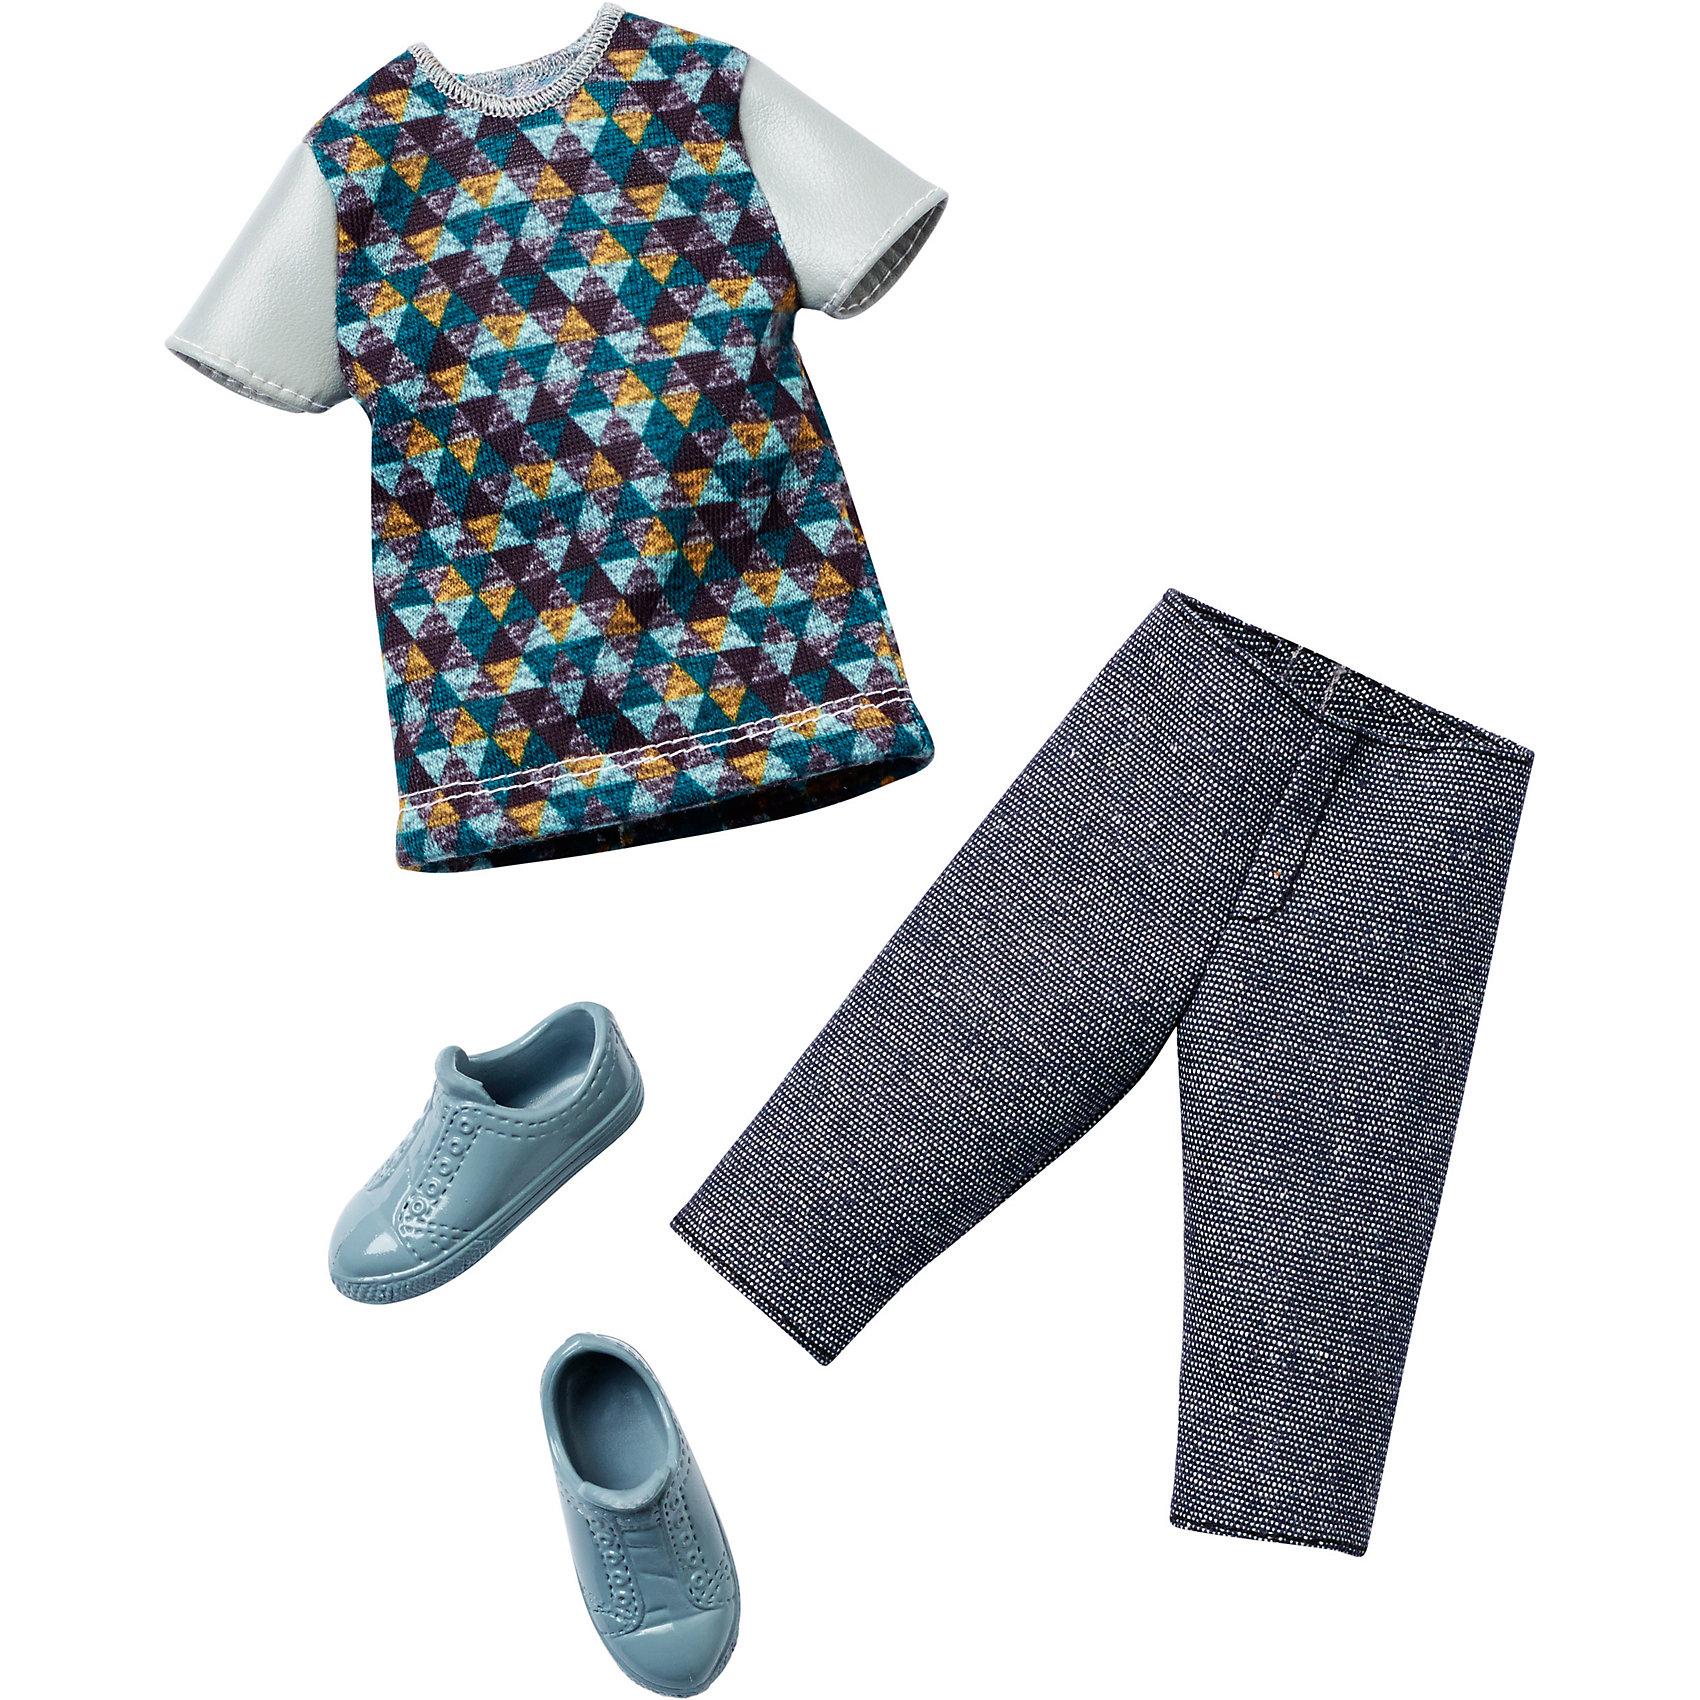 Одежда для Кена, BarbieНабор одежды для друга куклы Barbie - Кена - отличный вариант подарка для любительницы этих кукол. В набор входят стильная футболка (рубашка), шорты (брюки) и обувь. Предметы из разных комплектов можно комбинировать, создавая новые шикарные образы для любимой куклы.<br>Такие игрушки помогают развить мелкую моторику, логическое мышление и воображение ребенка. Эта игрушка выполнена из текстиля и высококачественного прочного пластика, безопасного для детей, отлично детализирована.<br><br>Дополнительная информация:<br><br>комплектация: стильная футболка (рубашка), шорты (брюки) и обувь, пара туфель; <br>цвет: разноцветный;<br>материал: пластик, текстиль;<br>кукла продается отдельно!<br><br>Одежду для Кена, Barbie от компании Mattel можно купить в нашем магазине.<br><br>Ширина мм: 258<br>Глубина мм: 114<br>Высота мм: 17<br>Вес г: 33<br>Возраст от месяцев: 36<br>Возраст до месяцев: 96<br>Пол: Женский<br>Возраст: Детский<br>SKU: 4791082